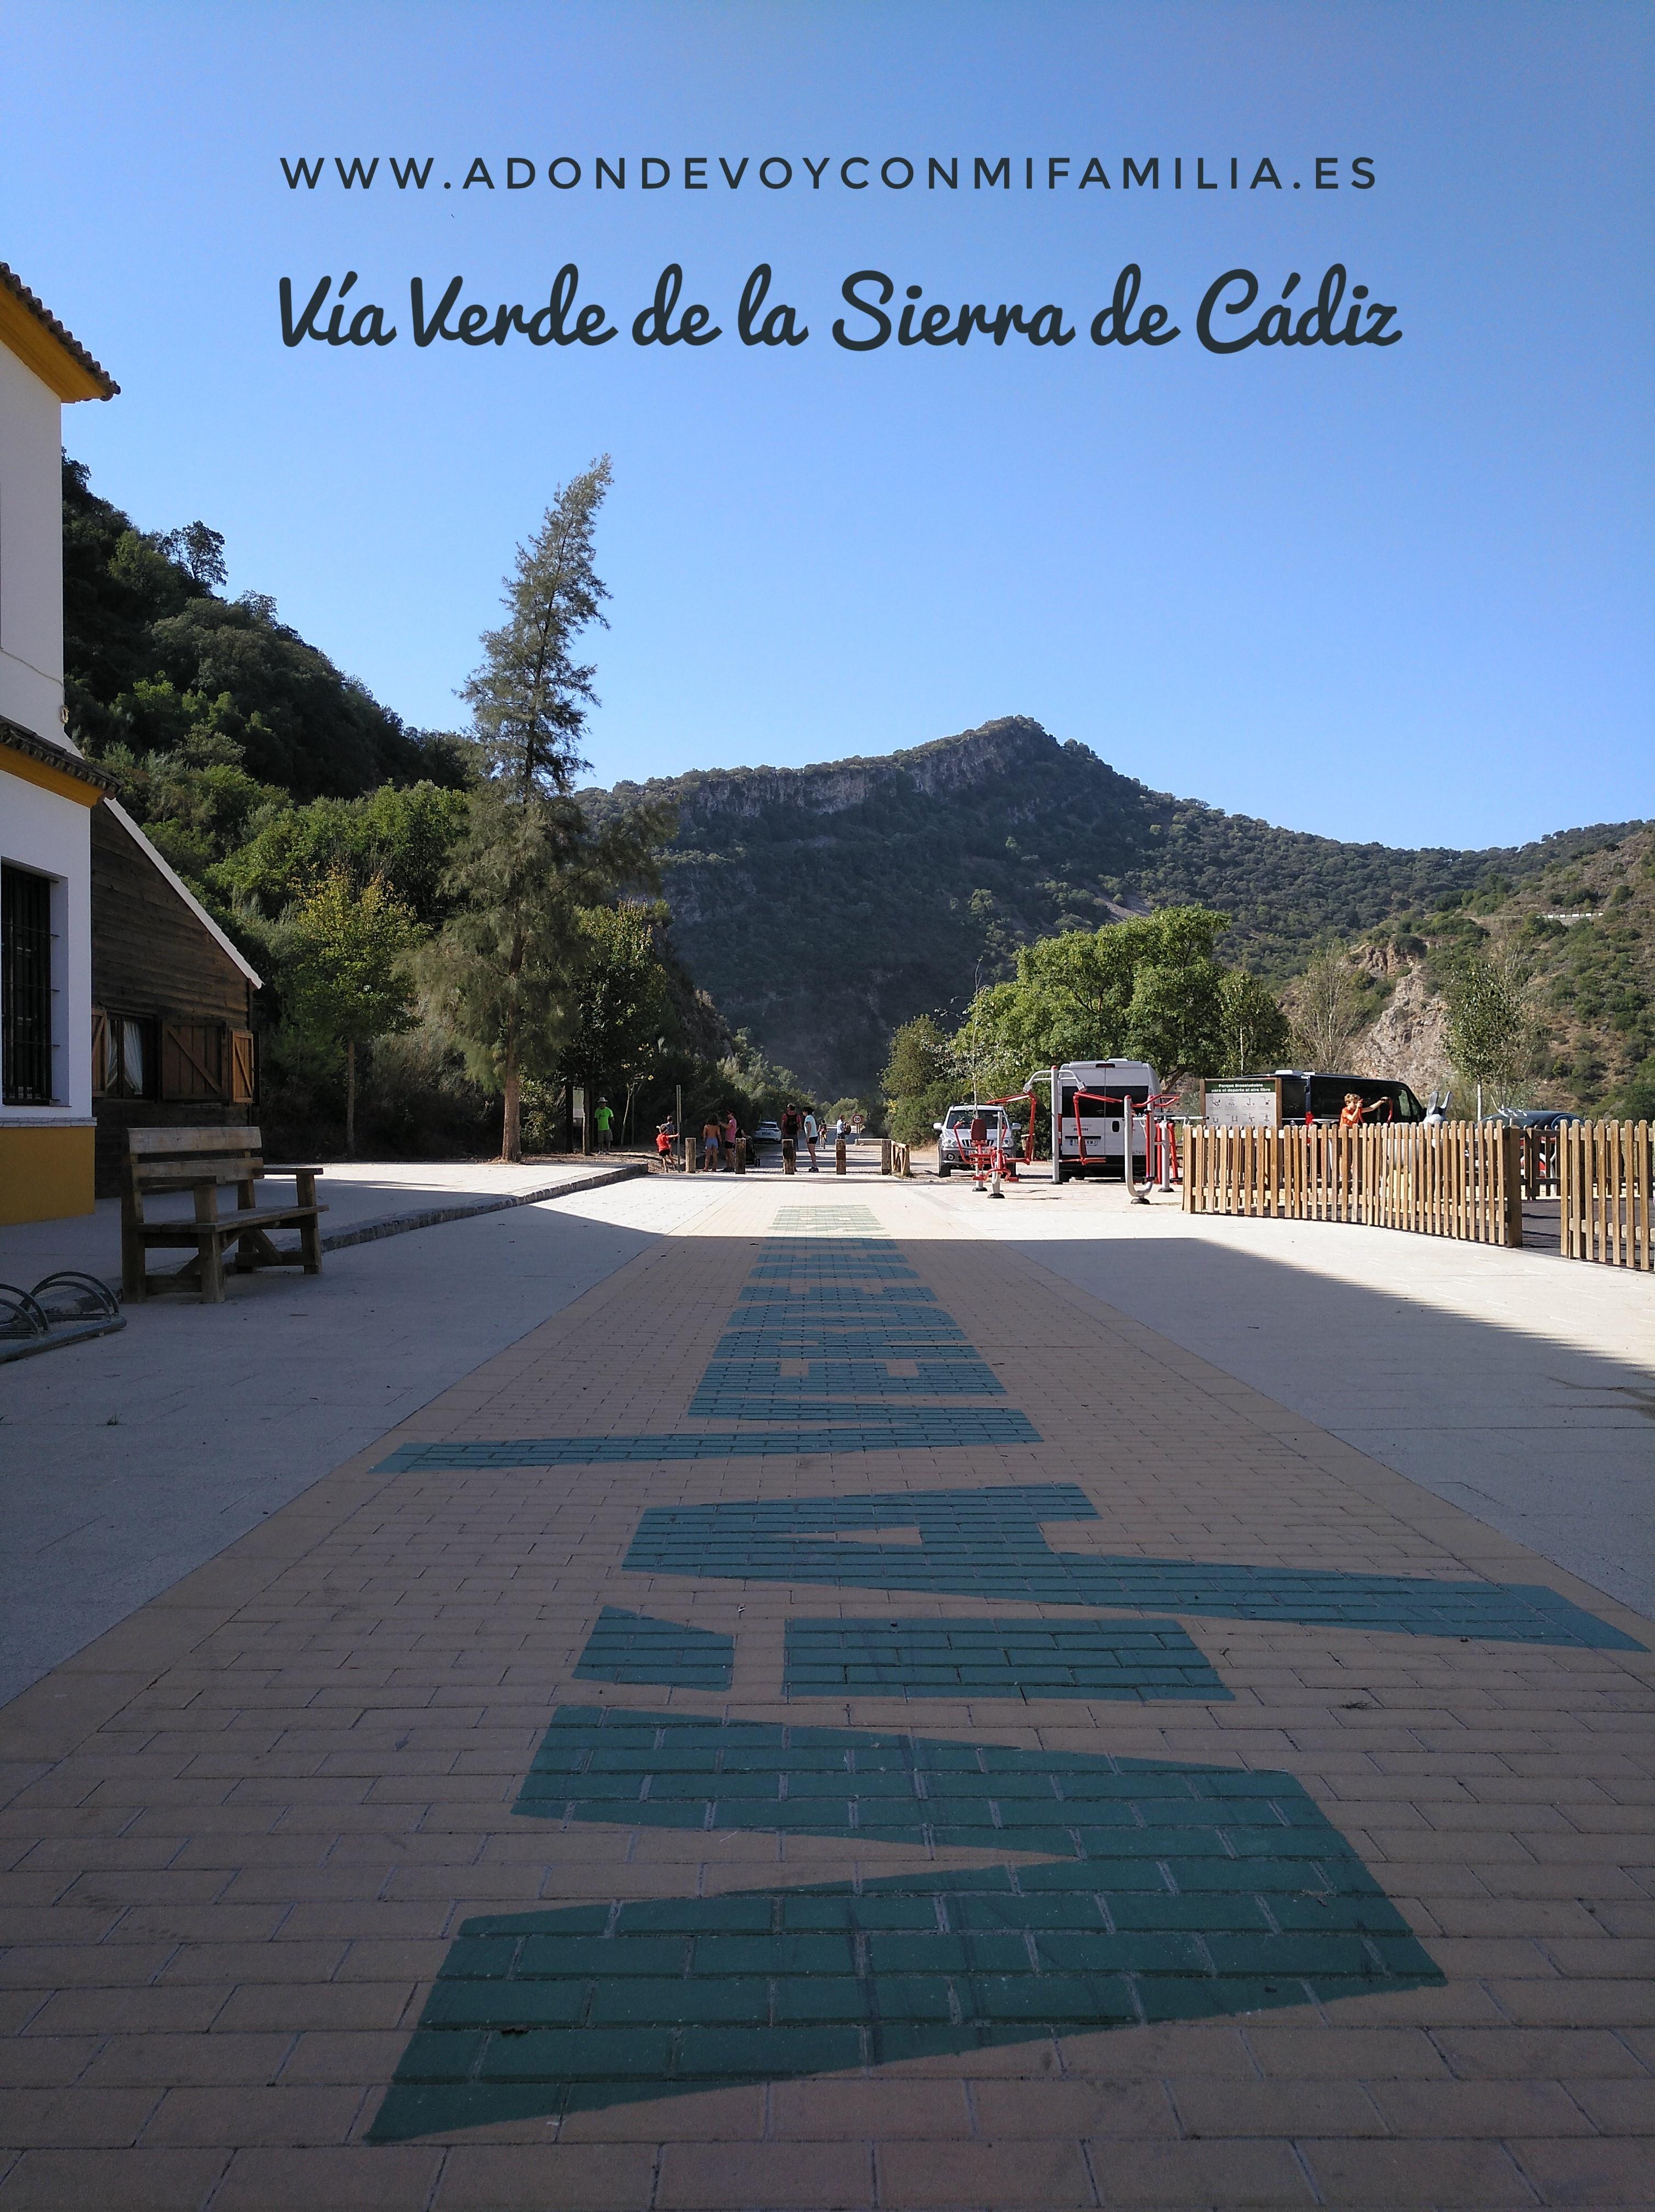 VÍA VERDE DE LA SIERRA DE CÁDIZ   Estación de Coripe a Estación de Zaframagón